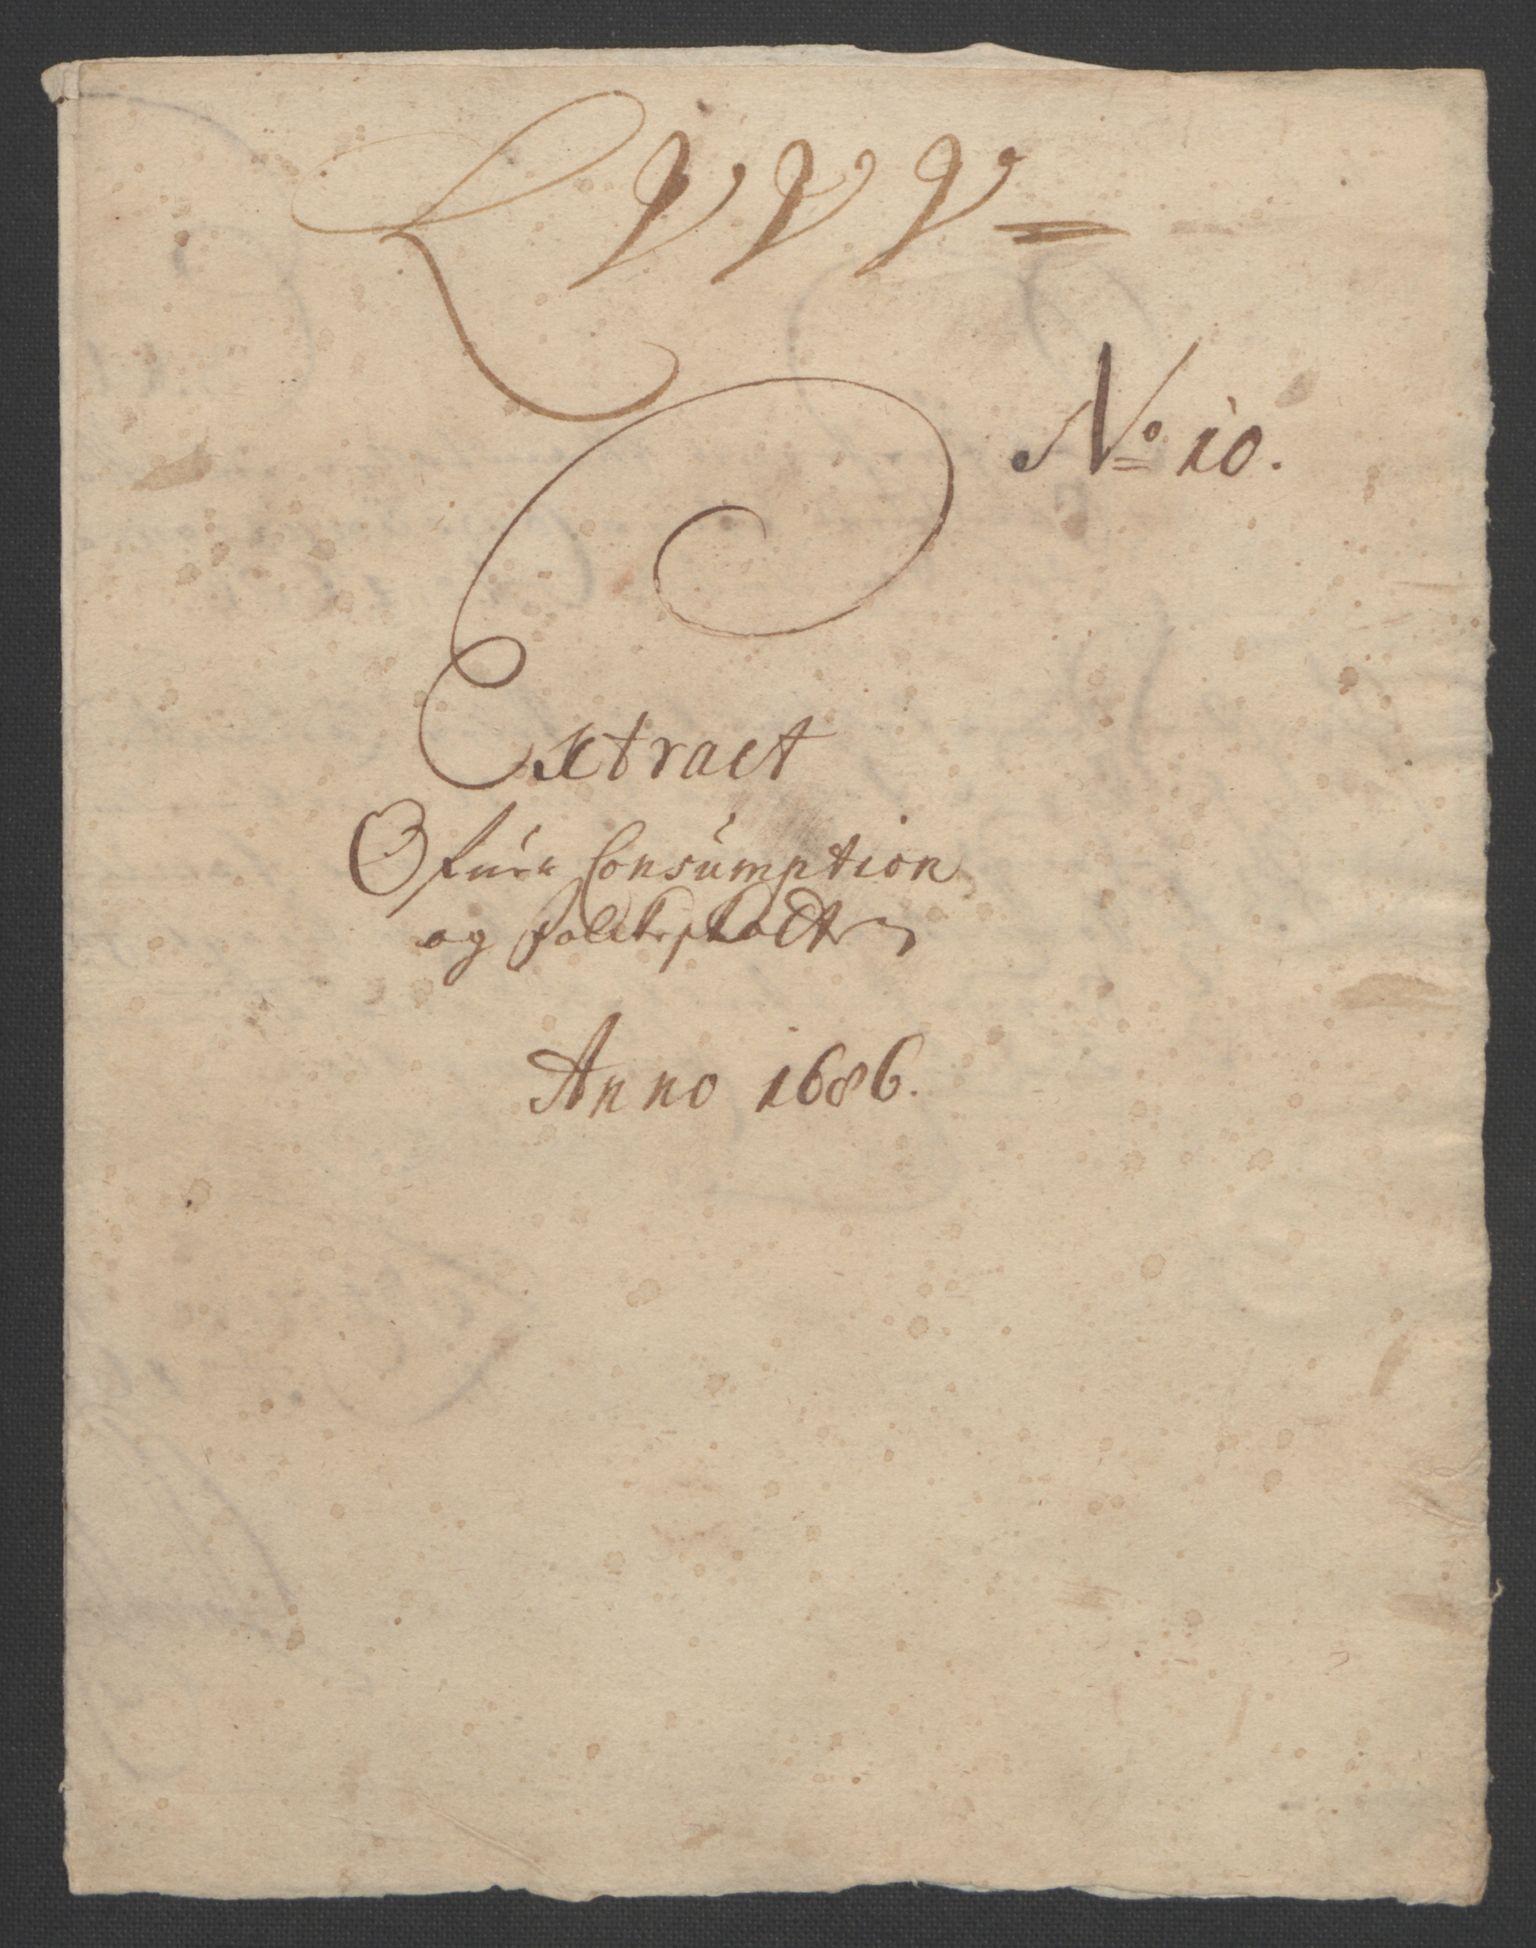 RA, Rentekammeret inntil 1814, Reviderte regnskaper, Fogderegnskap, R24/L1572: Fogderegnskap Numedal og Sandsvær, 1679-1686, s. 170